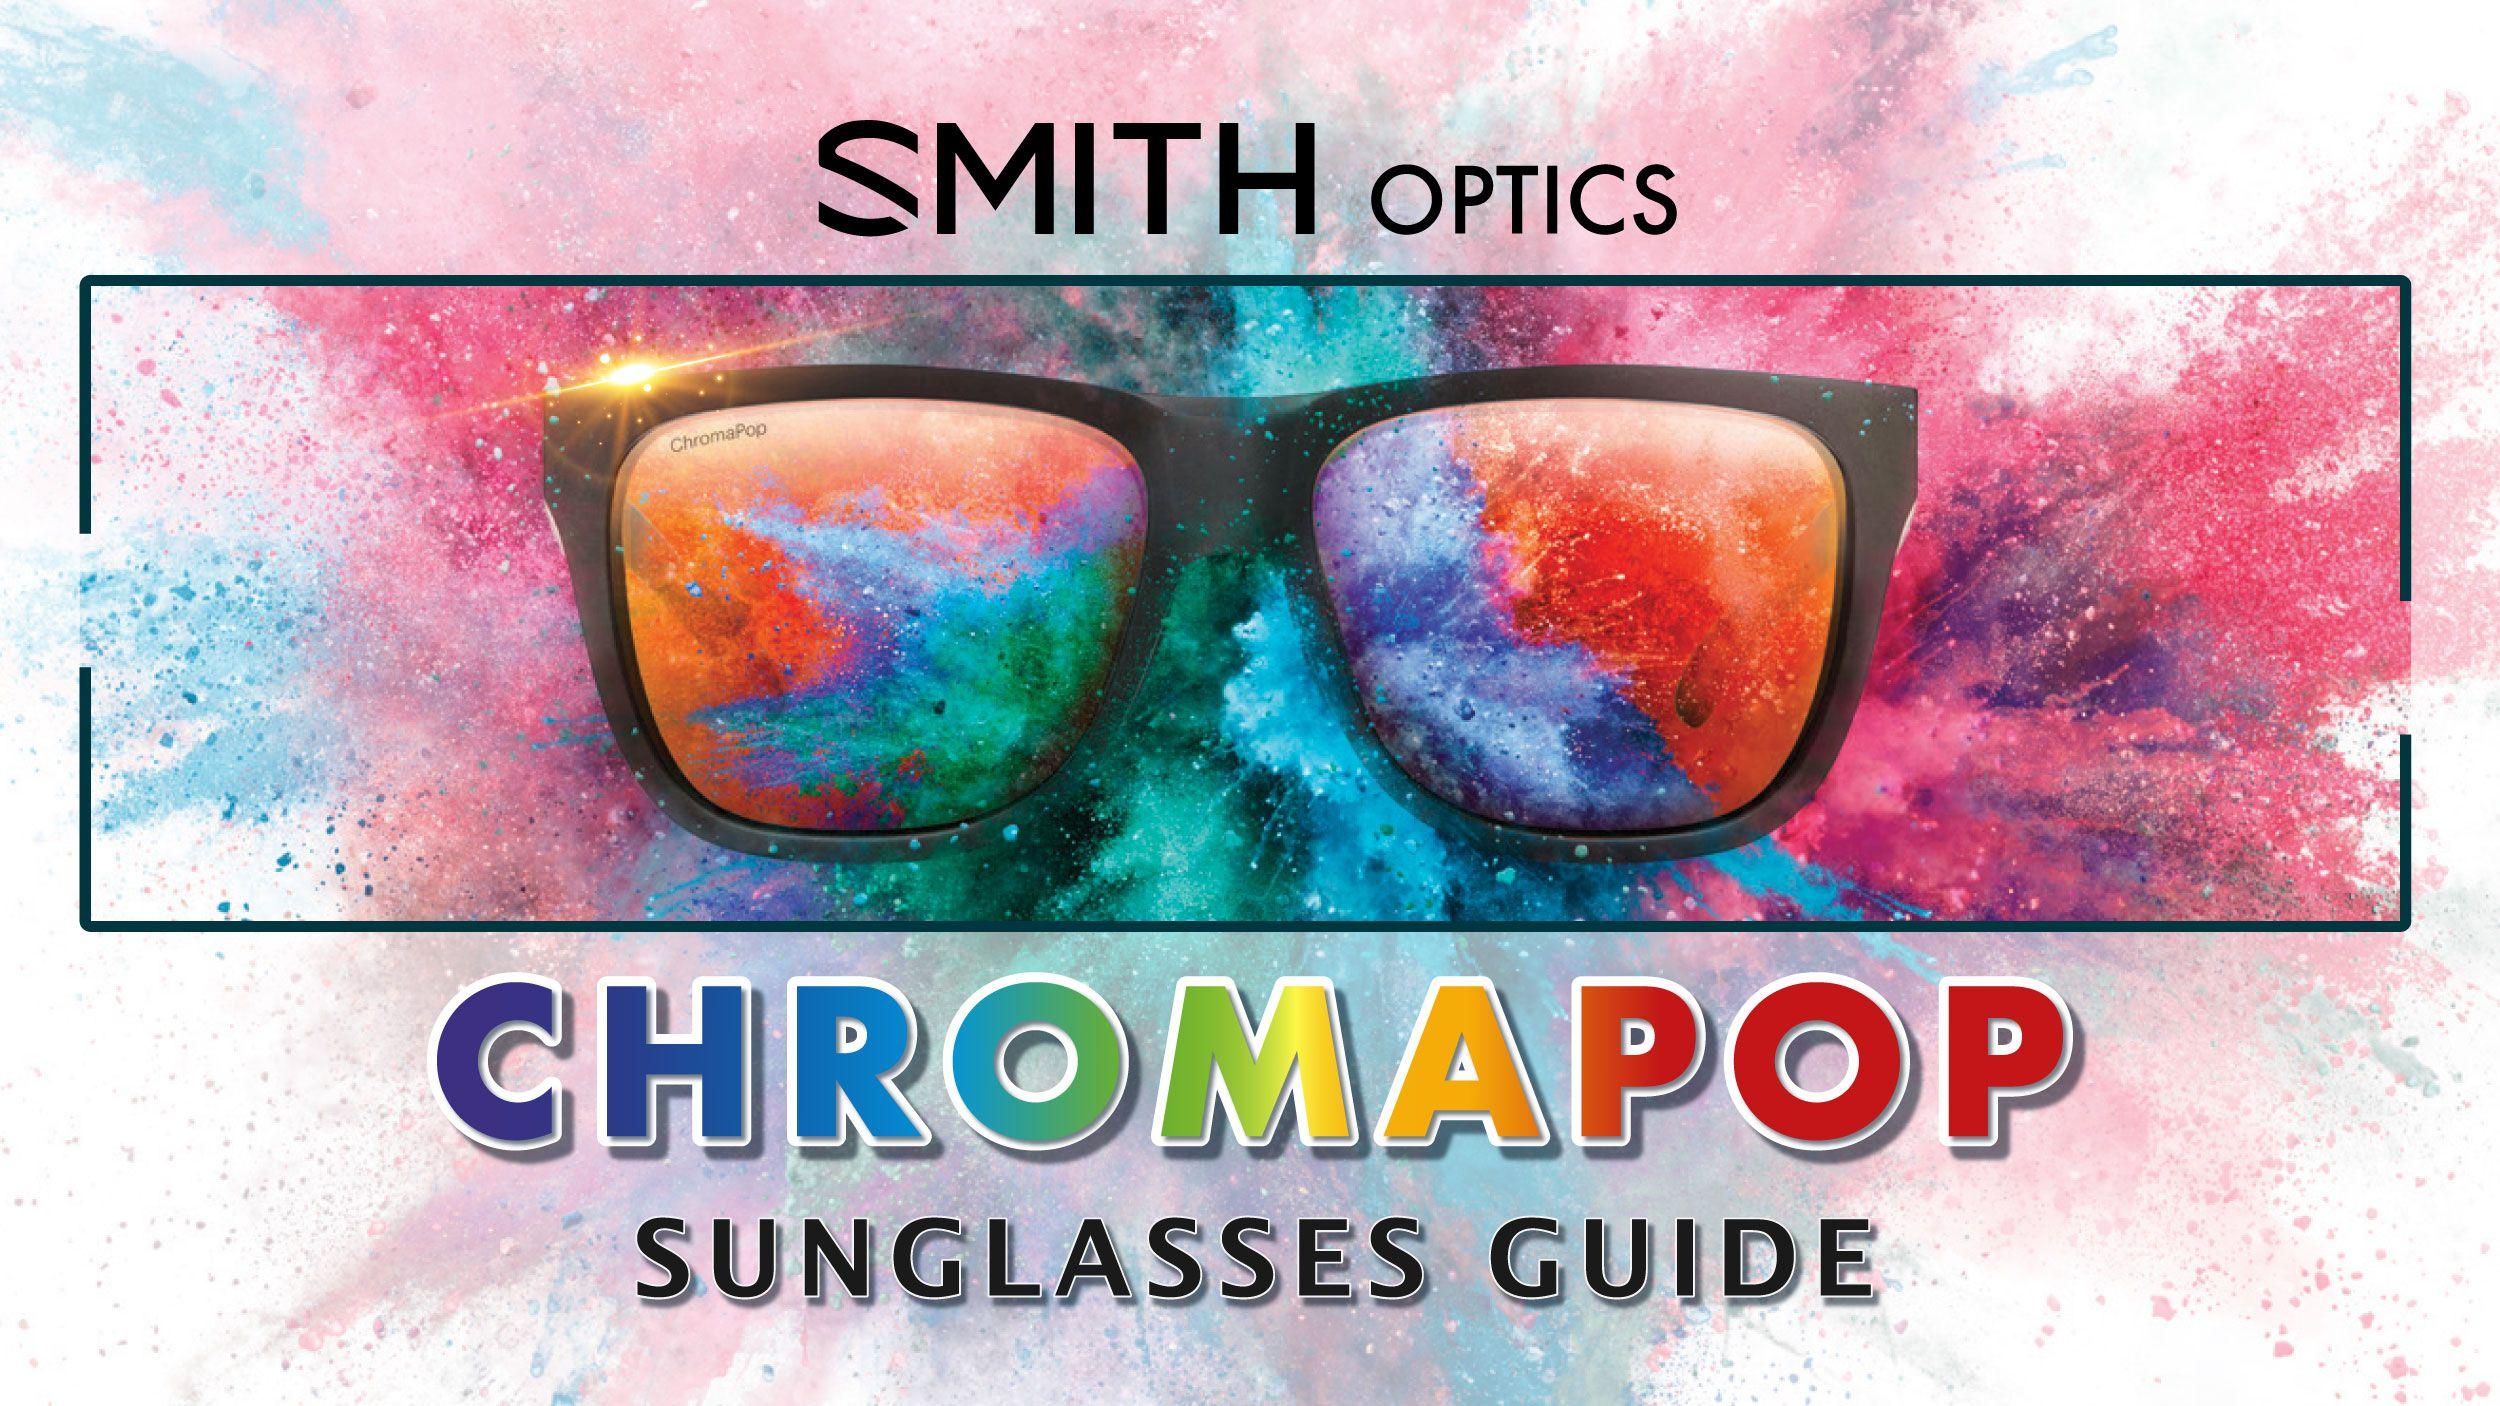 Smith Optics: ChromaPop Sunglasses Guide Header